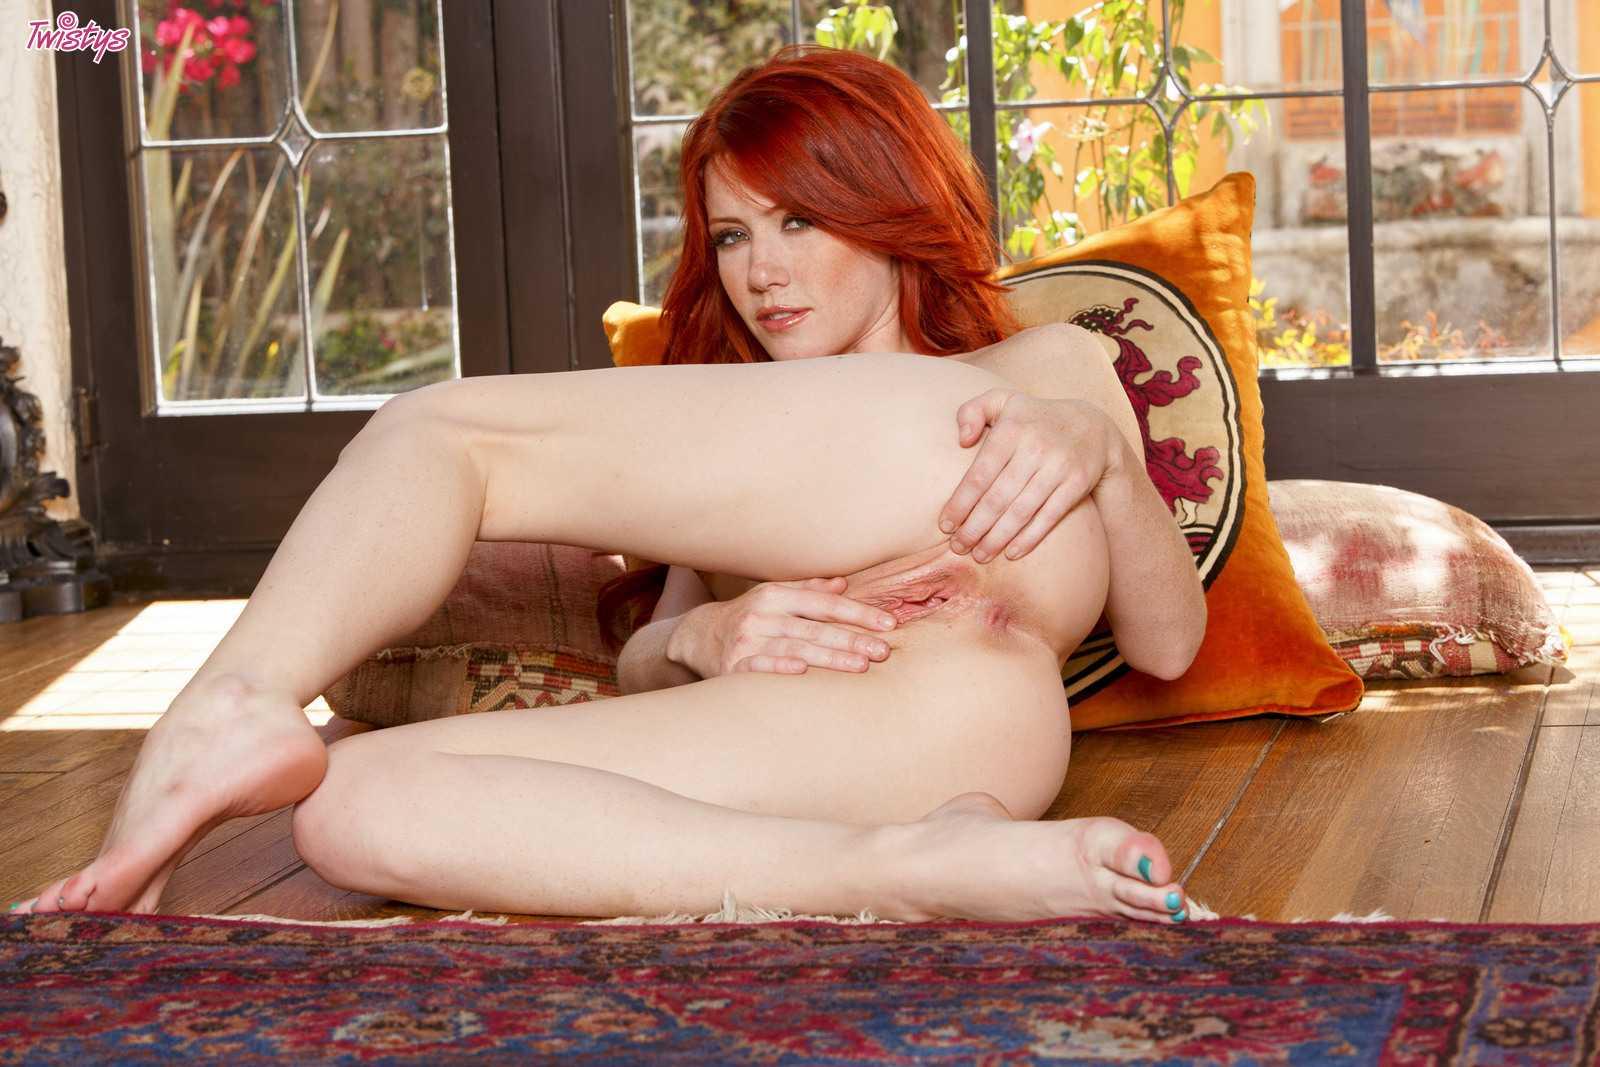 Рыжая бестия xxx, Рыжая бестия: порно видео онлайн, смотреть порно на 2 фотография